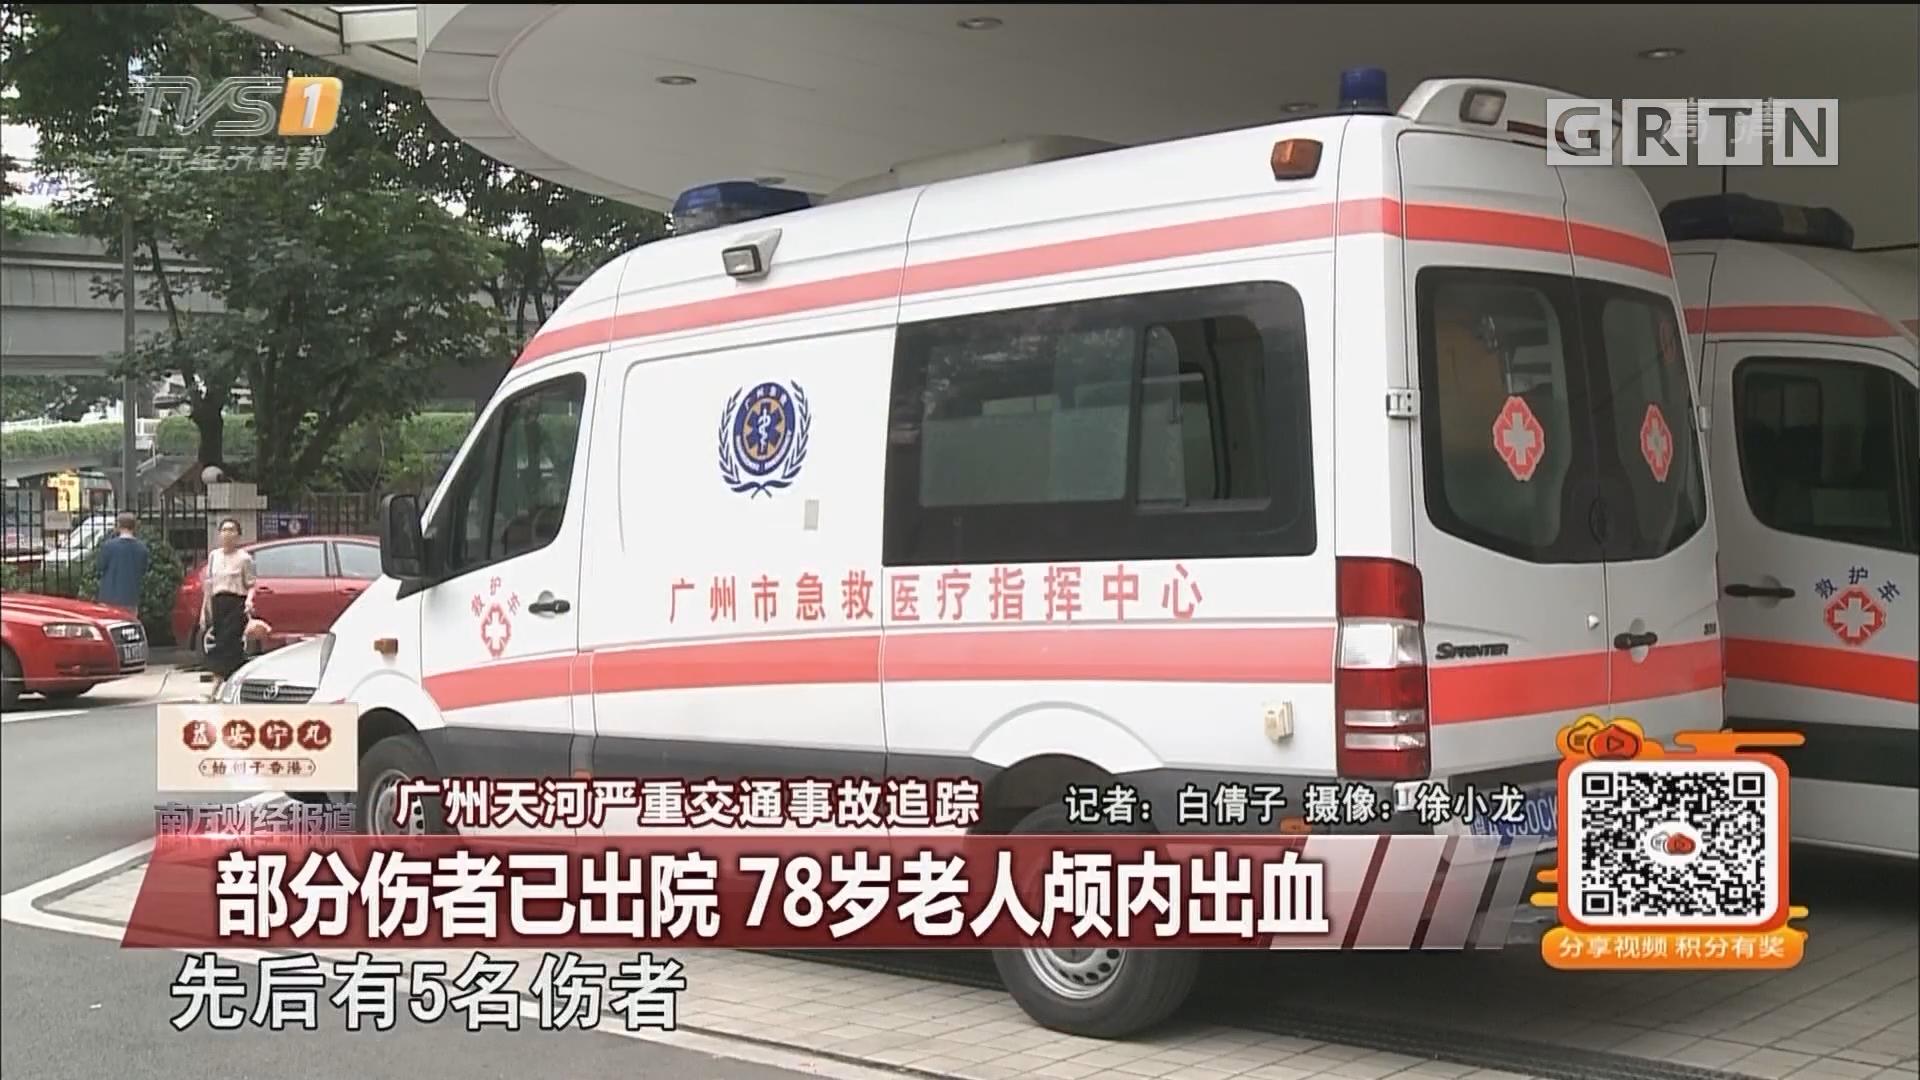 广州天河严重交通事故追踪:部分伤者已出院 78岁老人颅内出血